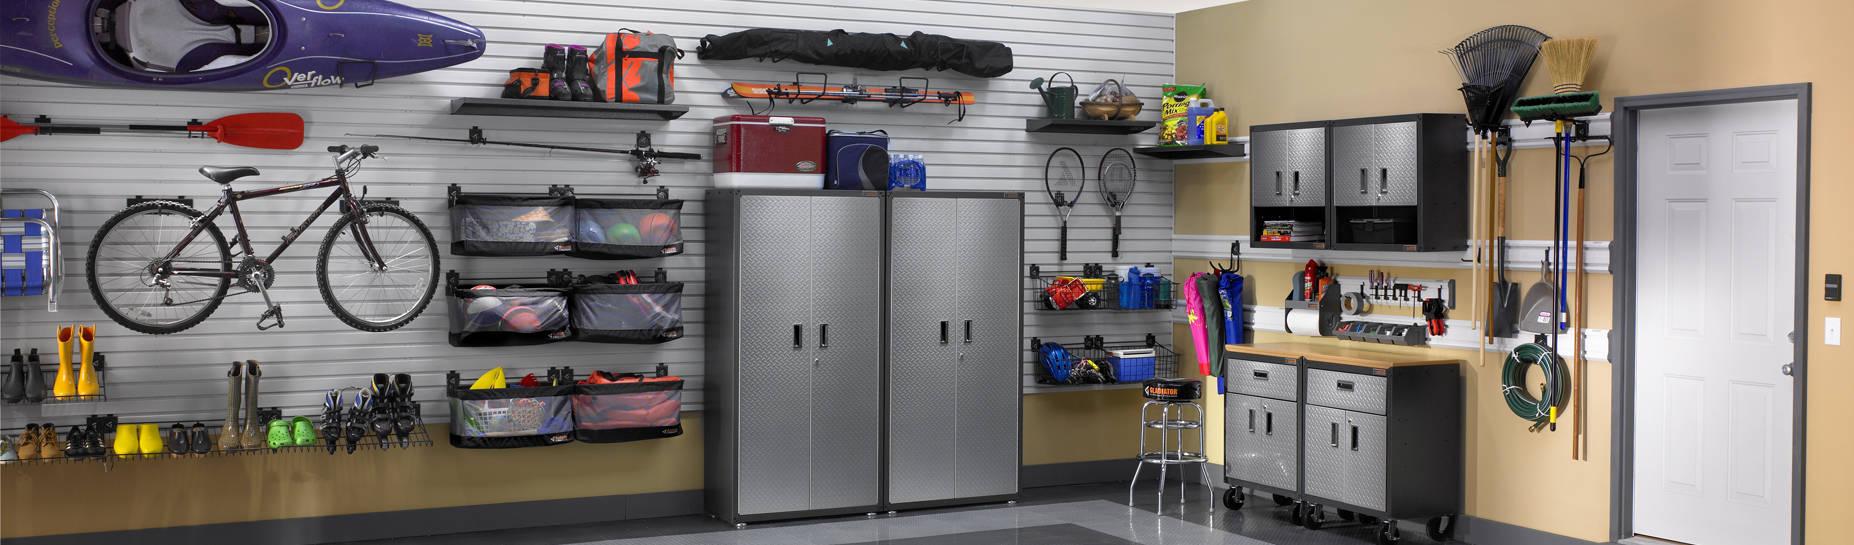 Arredamento garage di centuriongarage homify - Arredamento garage ...